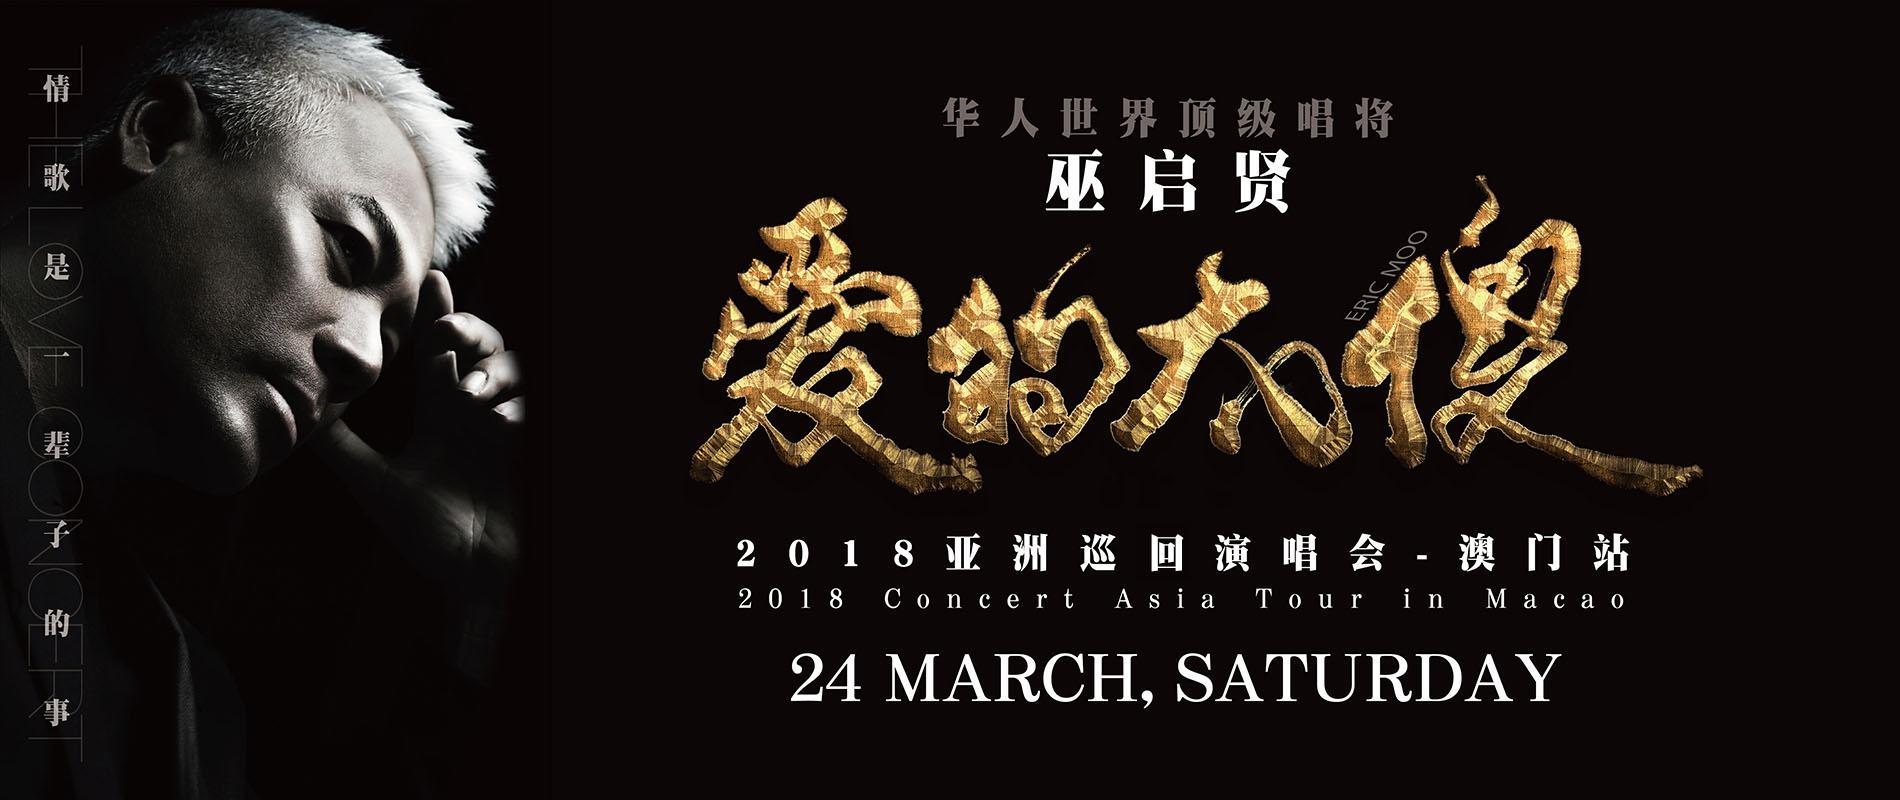 《巫啟賢'愛的太傻'2018亞洲巡迴演唱會澳門站》 - 澳門威尼斯人金光綜藝館